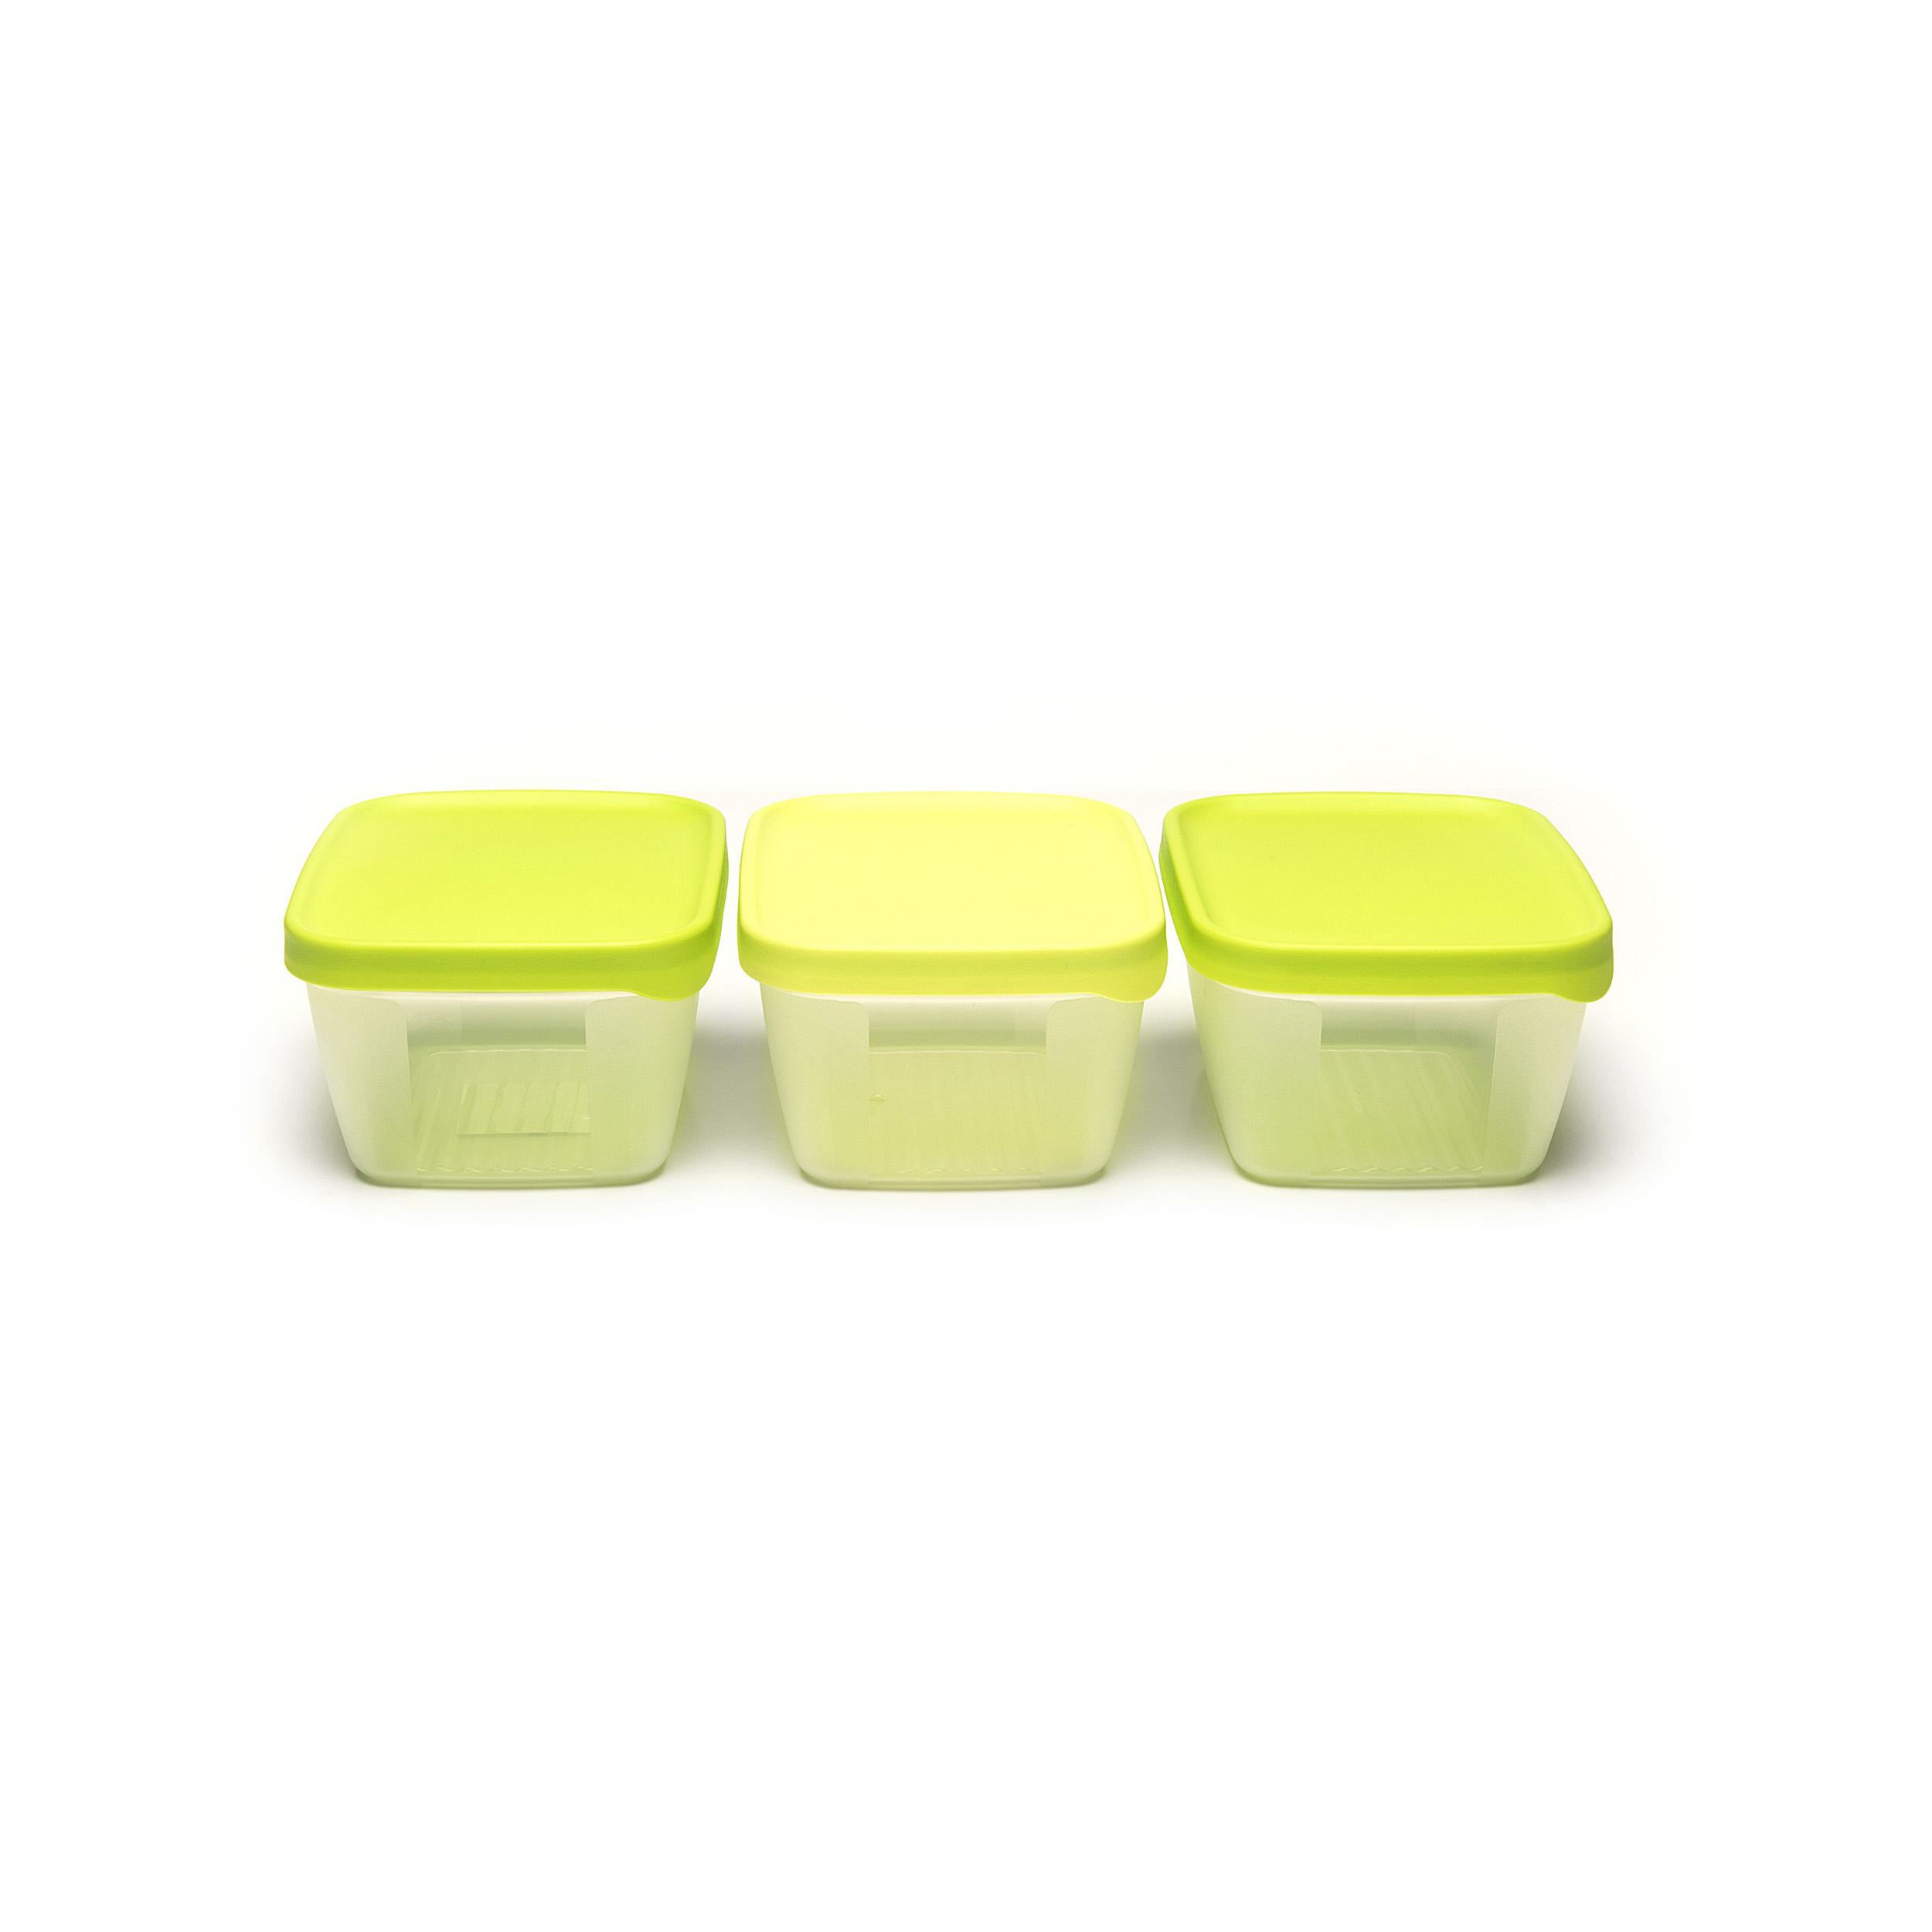 Optifridge™ 900ml(3pcs) - ....The OptiFridge® and your fridge are the perfect partners. Thanks to its dimensions it fits perfectly into every fridge. The boxes can be stacked on top of or inside each other and are easy to open. Can you use them in the microwave? Are they suitable for the dishwasher? This great product stands up to everything. ..L'OptiFridge® et votre frigo sont faits l'une pour l'autre. Ses dimensions parfaites la destinent à chaque frigo. Les boîtes sont empilables, emboîtables et faciles à ouvrir. Des aliments à réchauffer au micro-ondes ? Un nettoyage au lave-vaisselle ? Ce petit bijou se prête à tout. ..De OptiFridge® en jouw koelkast zijn voor elkaar gemaakt. Dankzij zijn perfecte afmetingen past hij in elke koelkast. De dozen zijn stapelbaar, nestbaar en gemakkelijk open te krijgen. Opwarmen in de microgolfoven? Schoonmaken in de vaatwasser? Deze uitblinker laat het zich allemaal welgevallen. ..Der OptiFridge® und Ihr Kühlschrank sind füreinander gemacht. Dank der perfekten Abmessungen passt er in jeden Kühlschrank. Die Behälter sind stapelbar, schachtelbar und einfach zu öffnen. Aufwärmen in der Mikrowelle? Reinigen im Geschirrspüler? Dieser Musterschüler lässt sich alles gefallen. ....